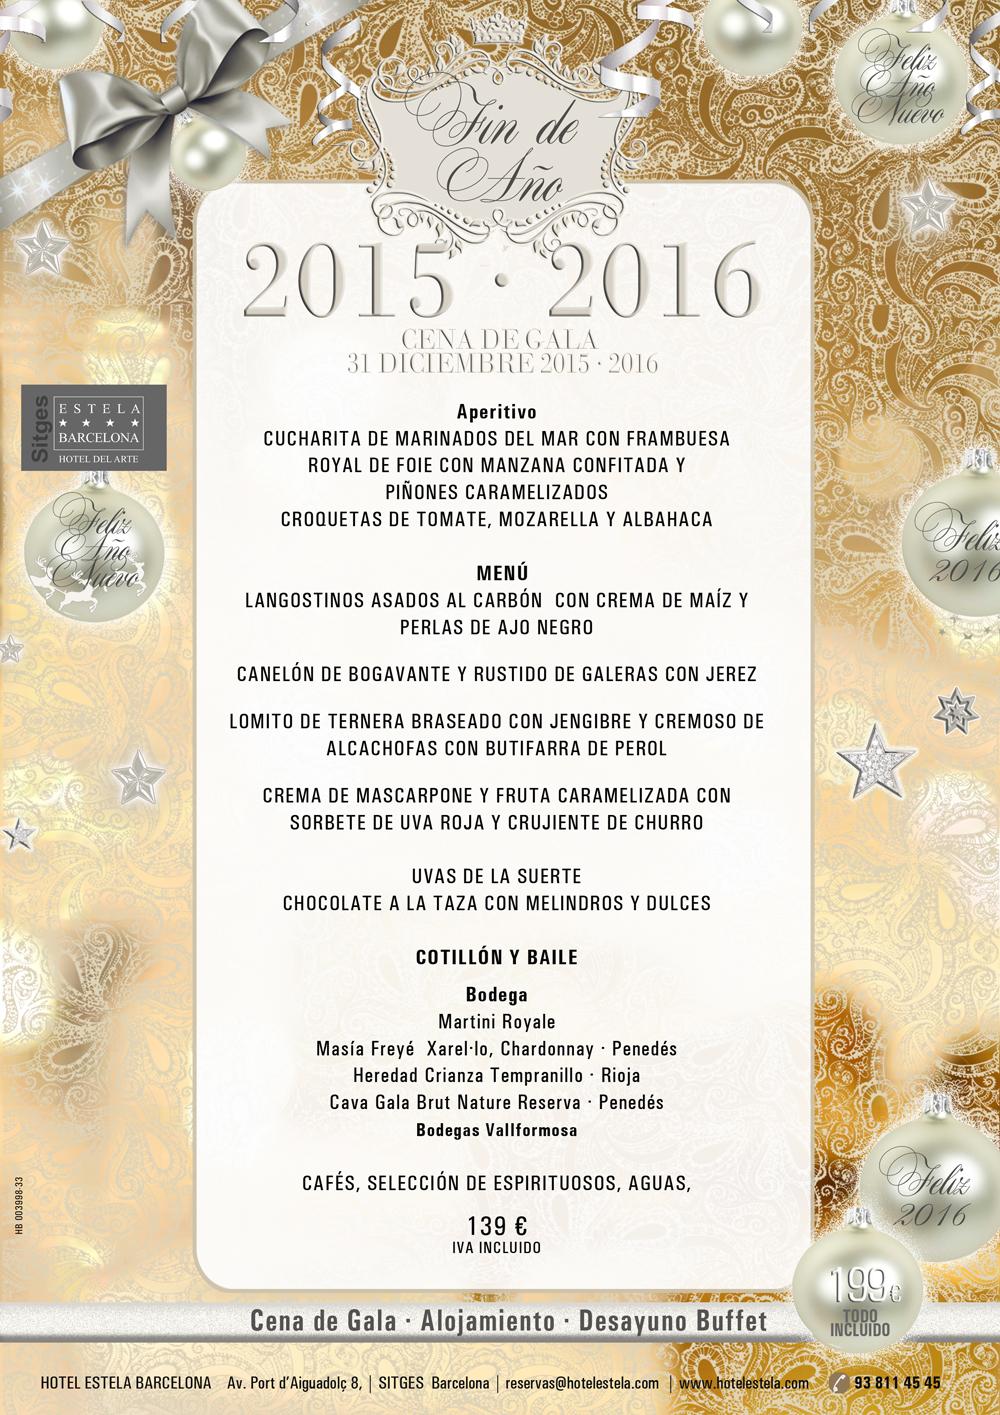 Cena de gala fin de a o 2015 2016 en el restaurante iris - Menus para fin de ano ...